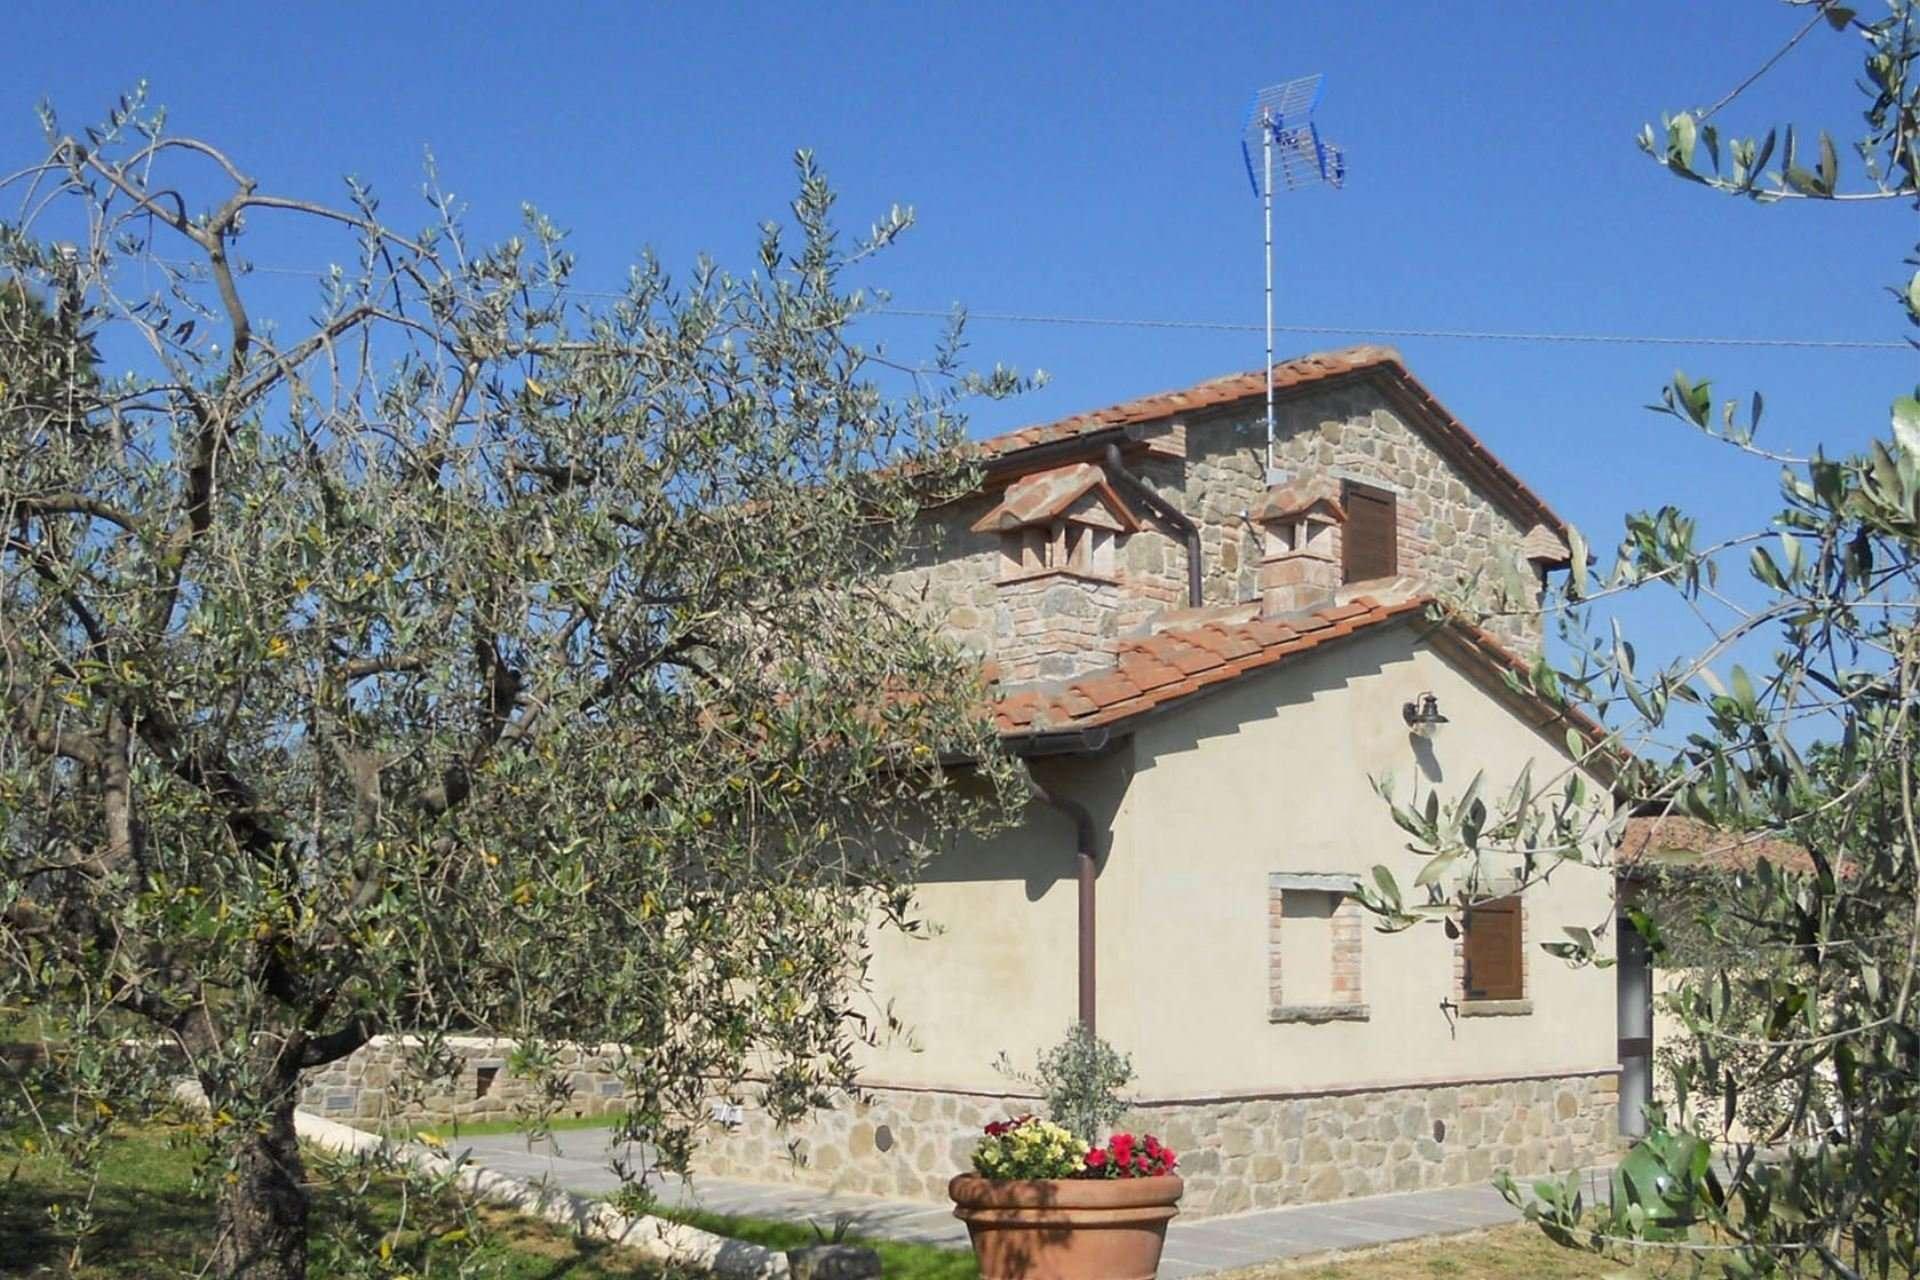 selva degli ulivi - huis met olijfbomen